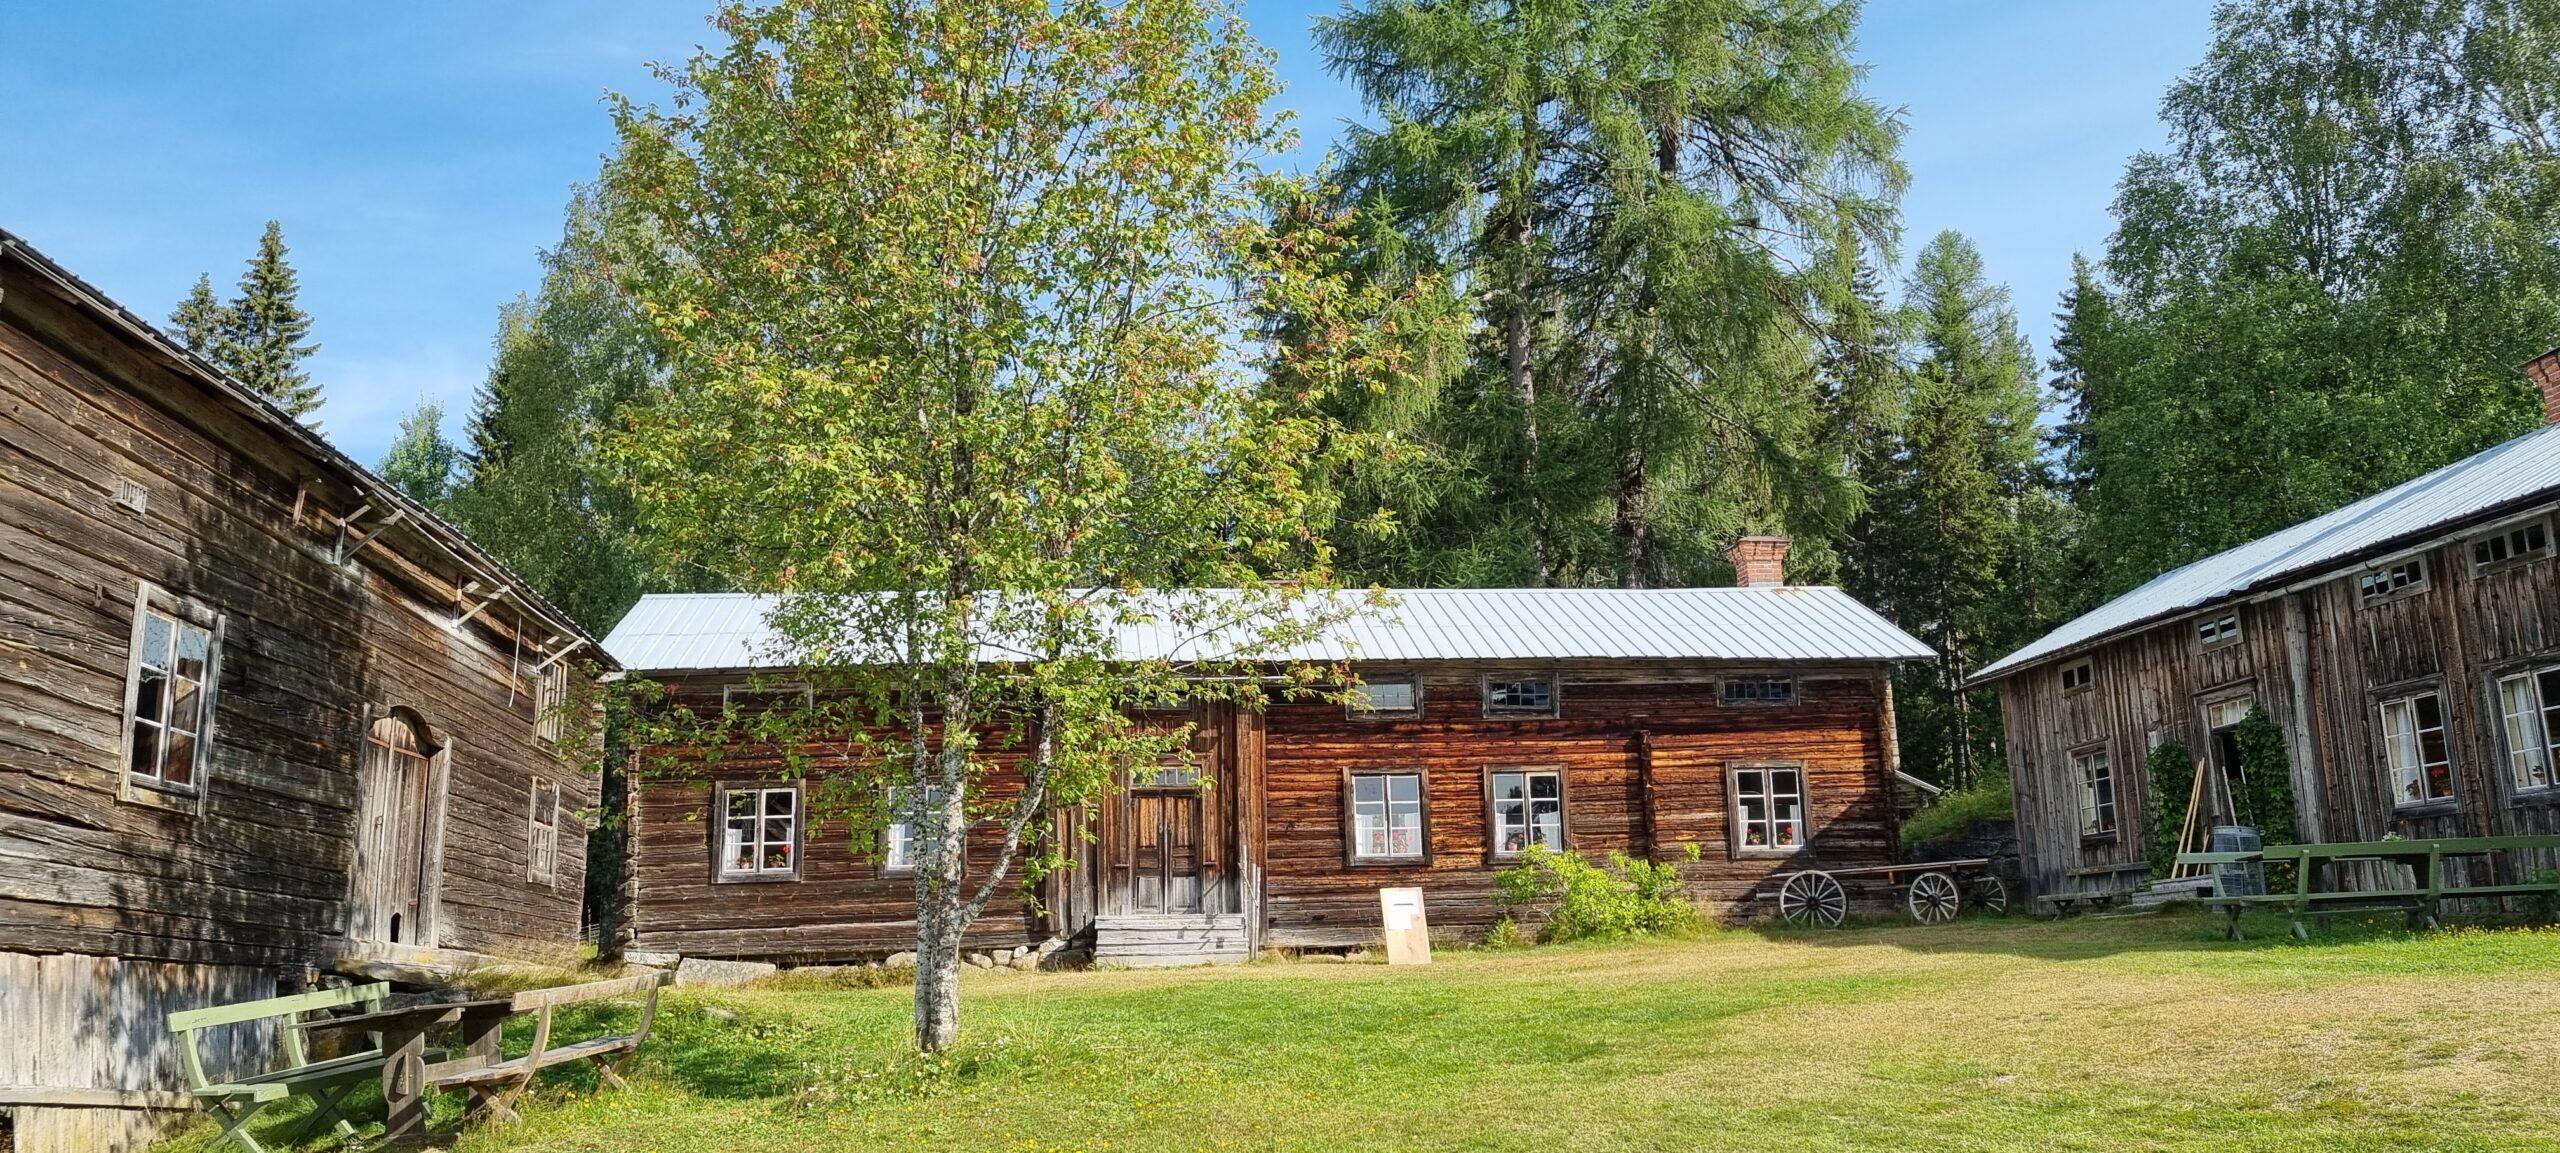 Bilden är tagen på gårdstunet som omges av tre träbyggnader från 1800-talet